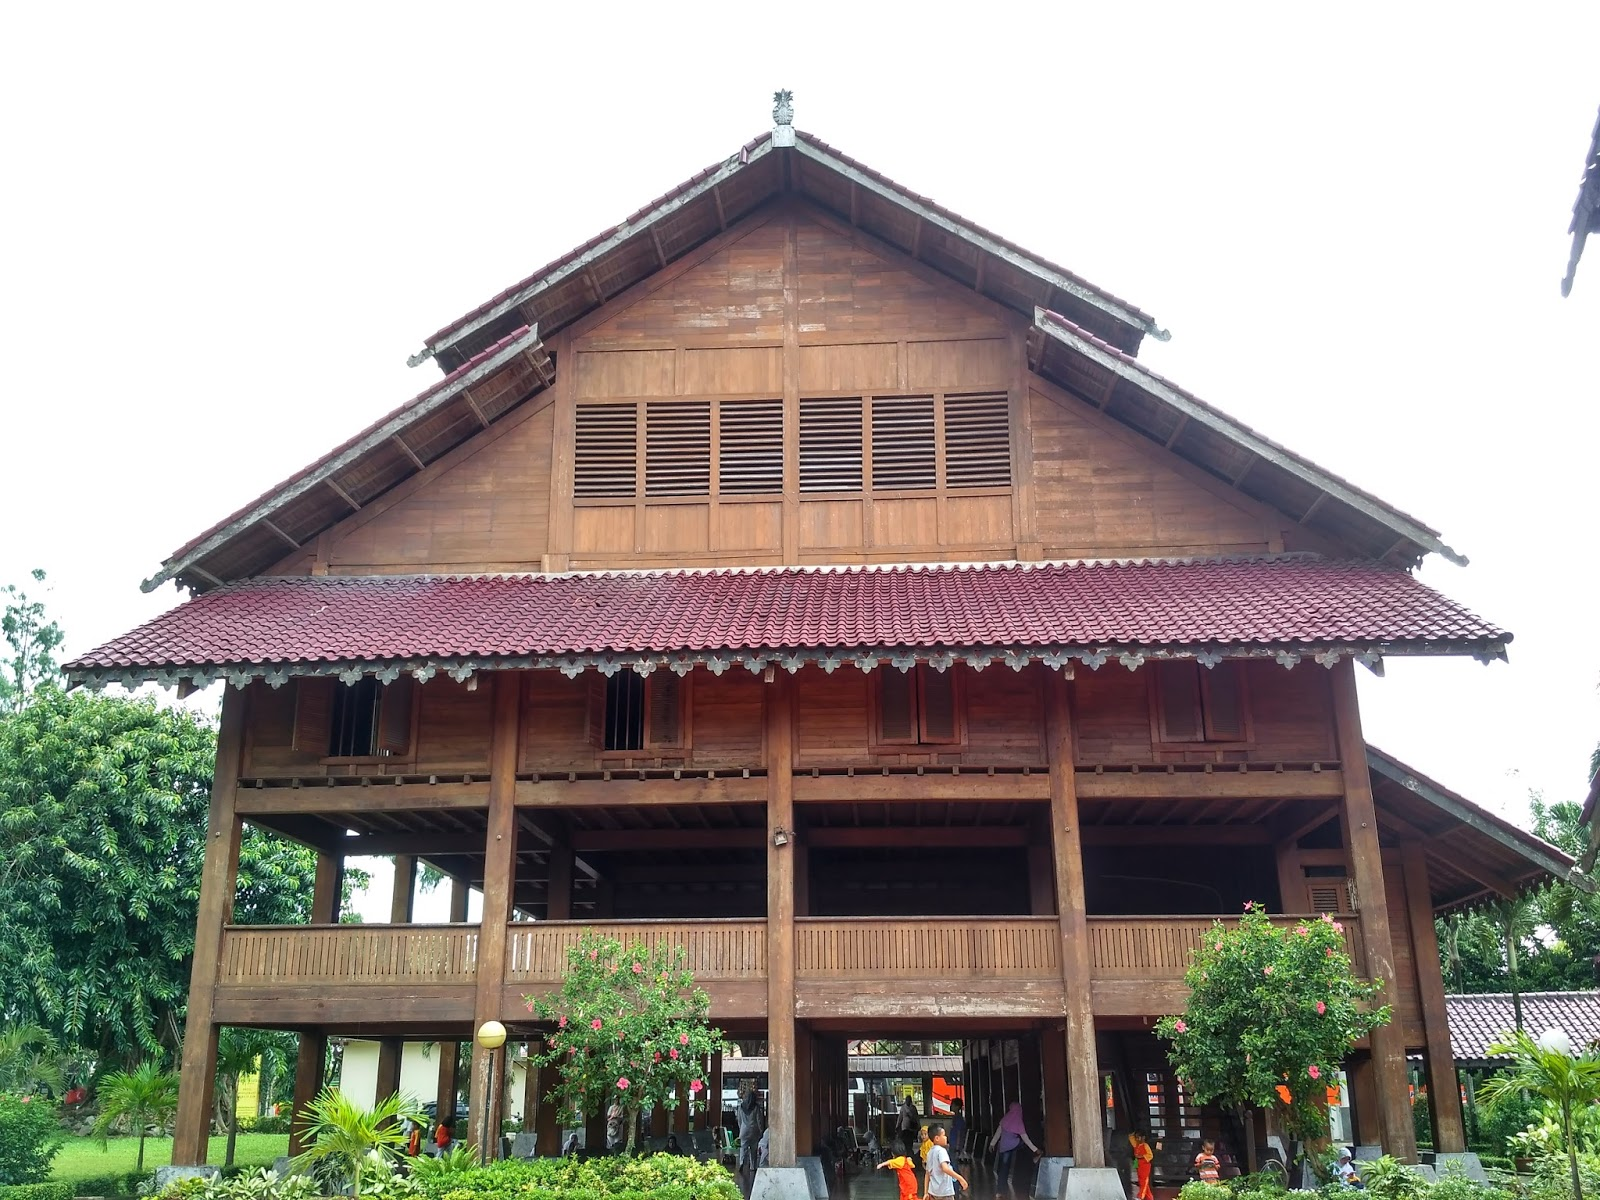 Gambar Rumah Adat Indonesia Beserta Keterangannya. nama ...